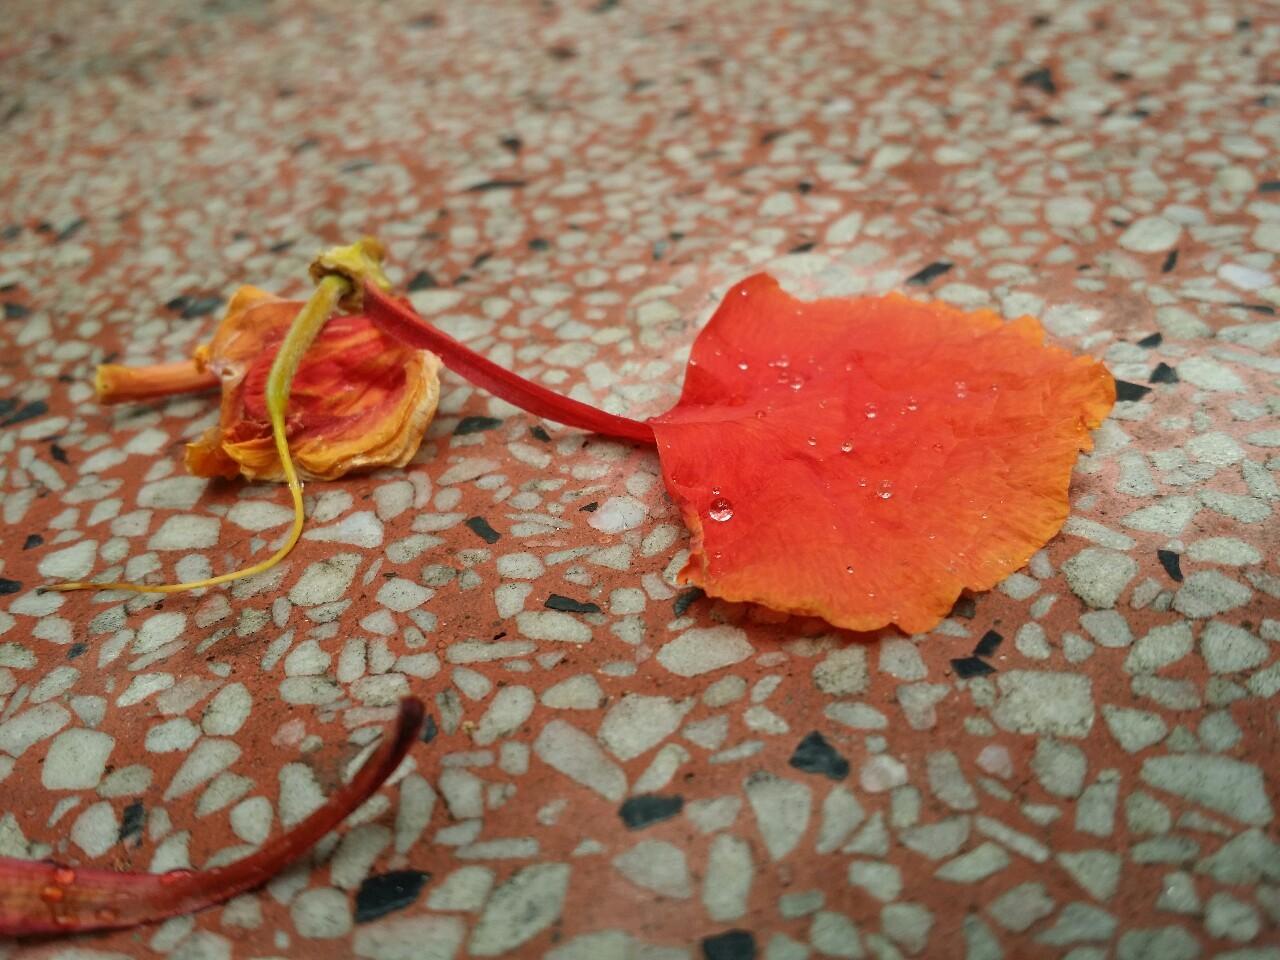 Thơ Về Hoa Phượng, 15+ Bài Thơ Ngắn Hay Viết Về Mùa Hoa Phượng Vĩ